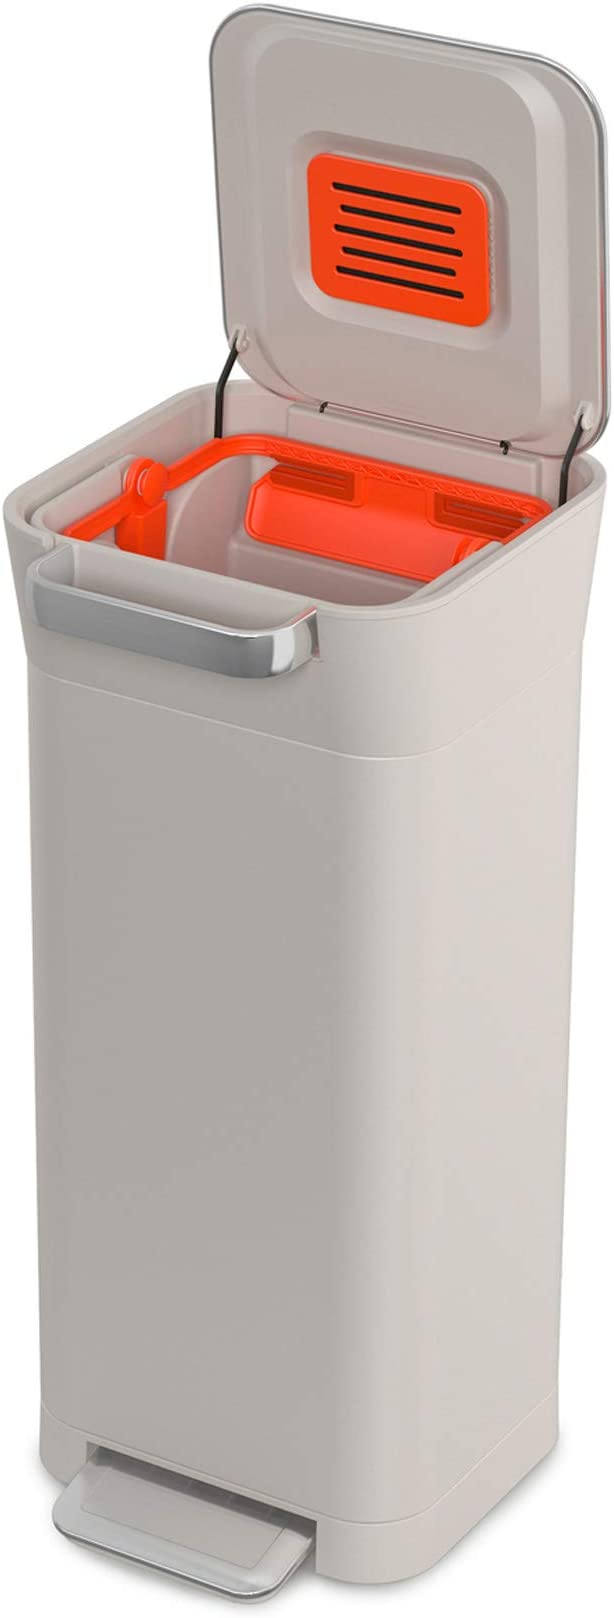 ABS PP Joseph Joseph Intelligent Waste Titan Trash Compactor Fino a 60L Dopo Compattazione in Acciaio Inox Litri